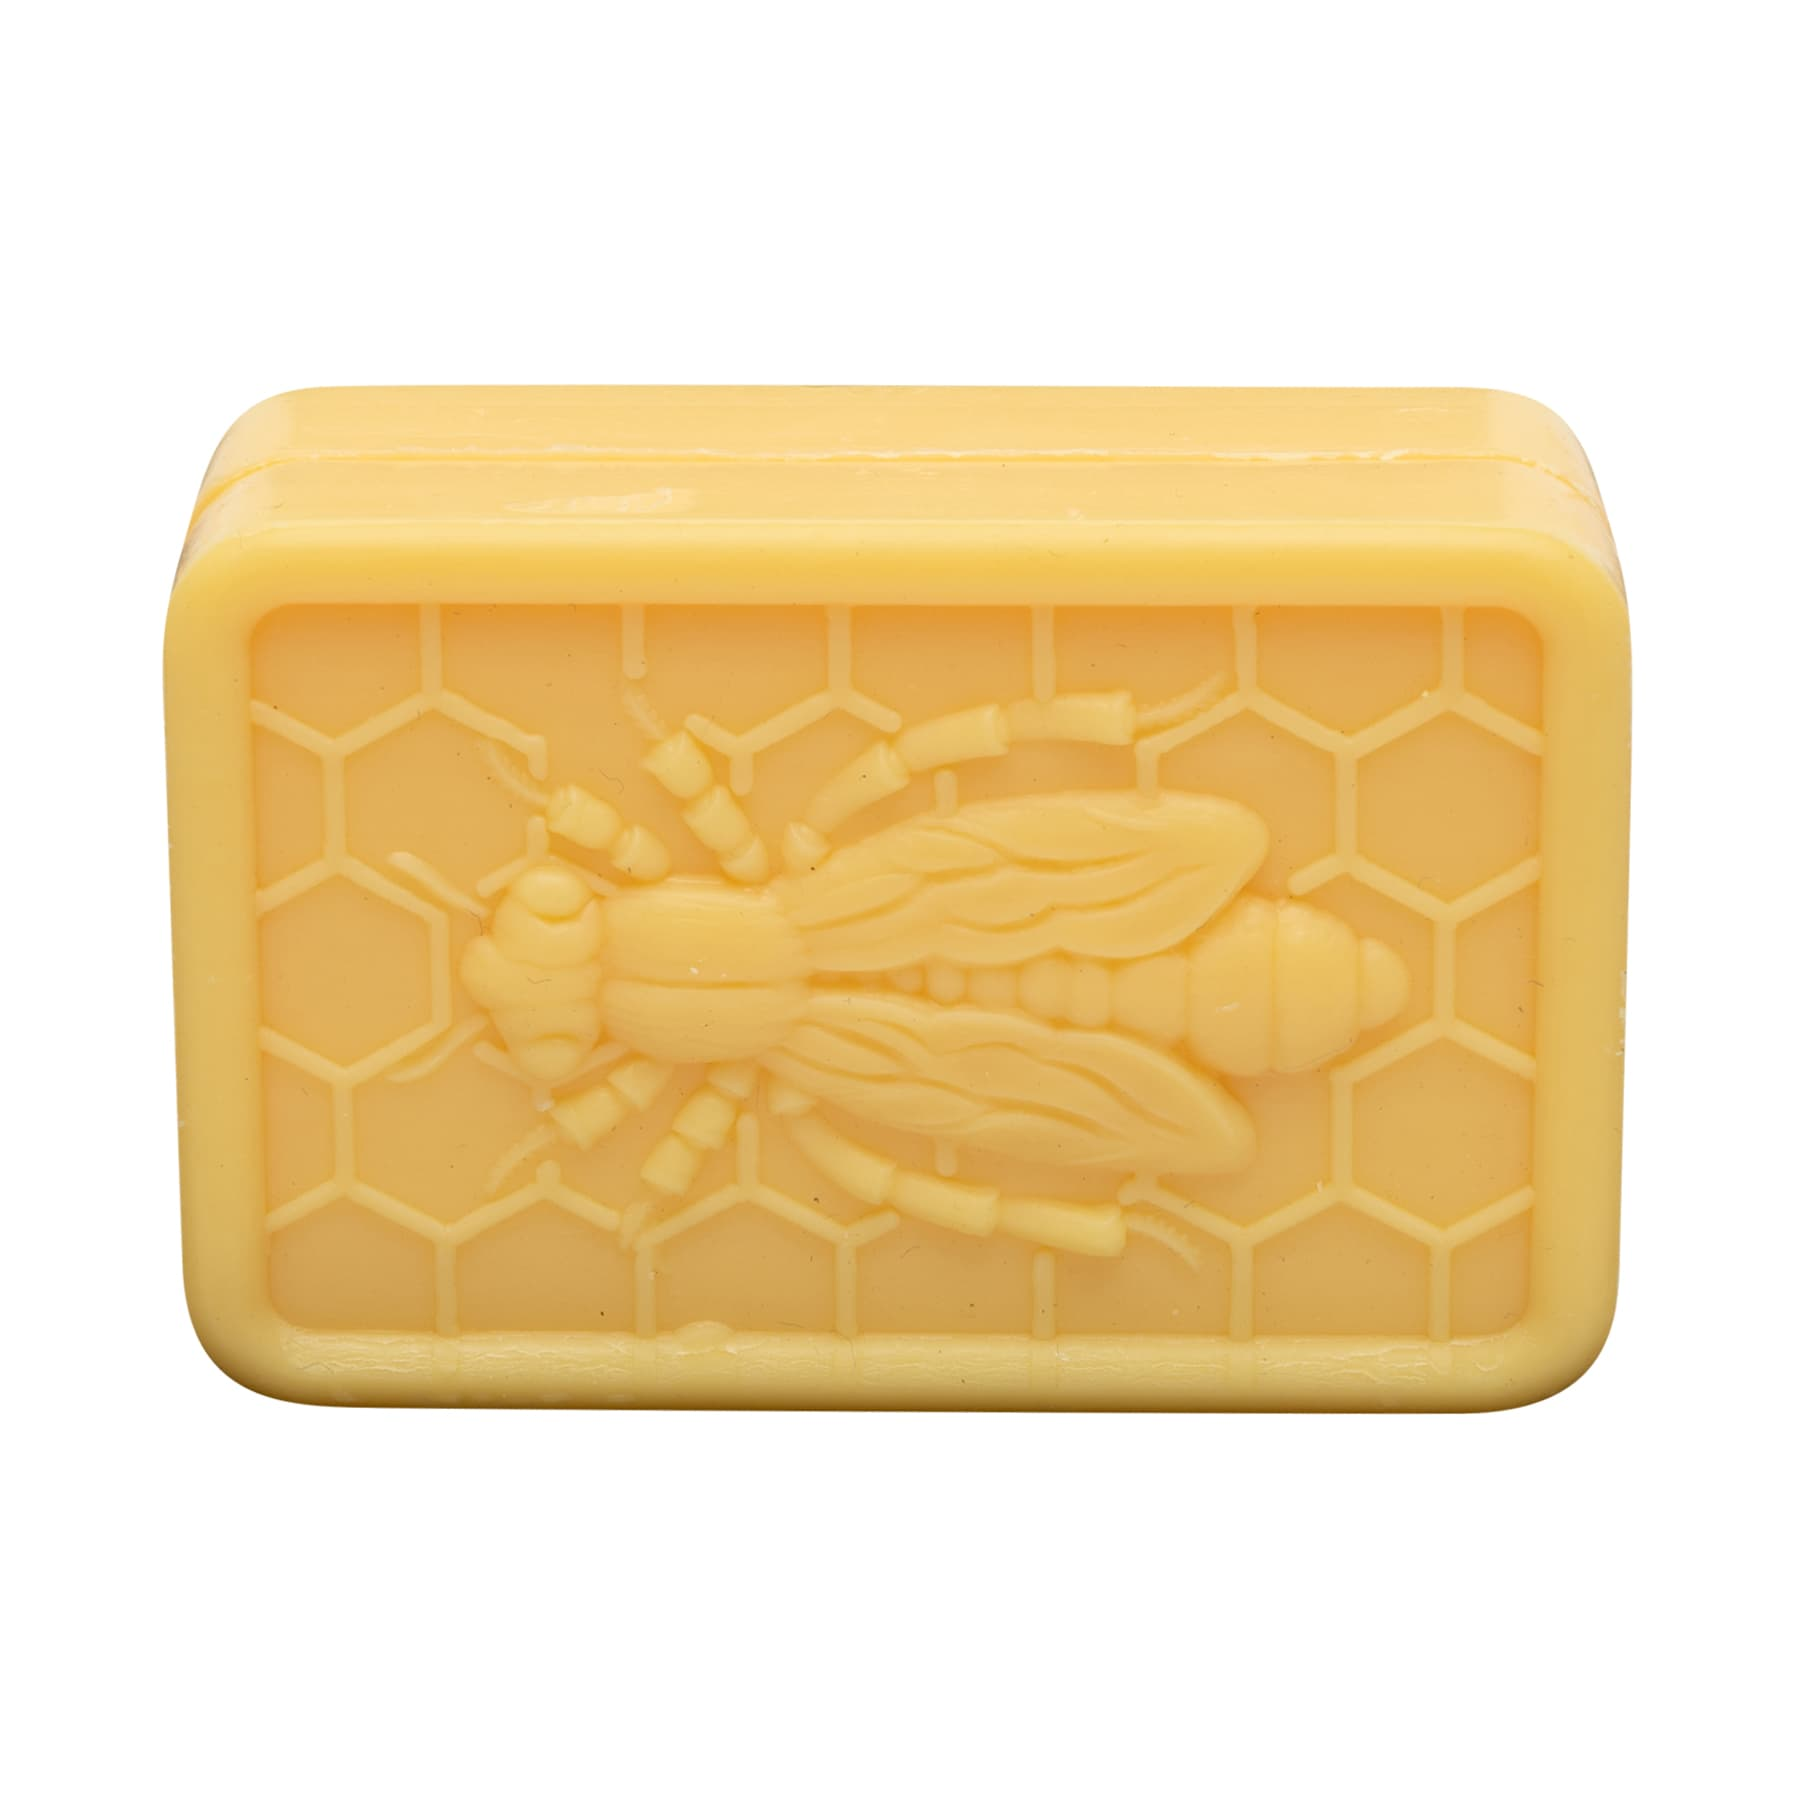 Honig- Lanolin-Seife mit Bienendekor (Quaderform) 100 g unverpackt